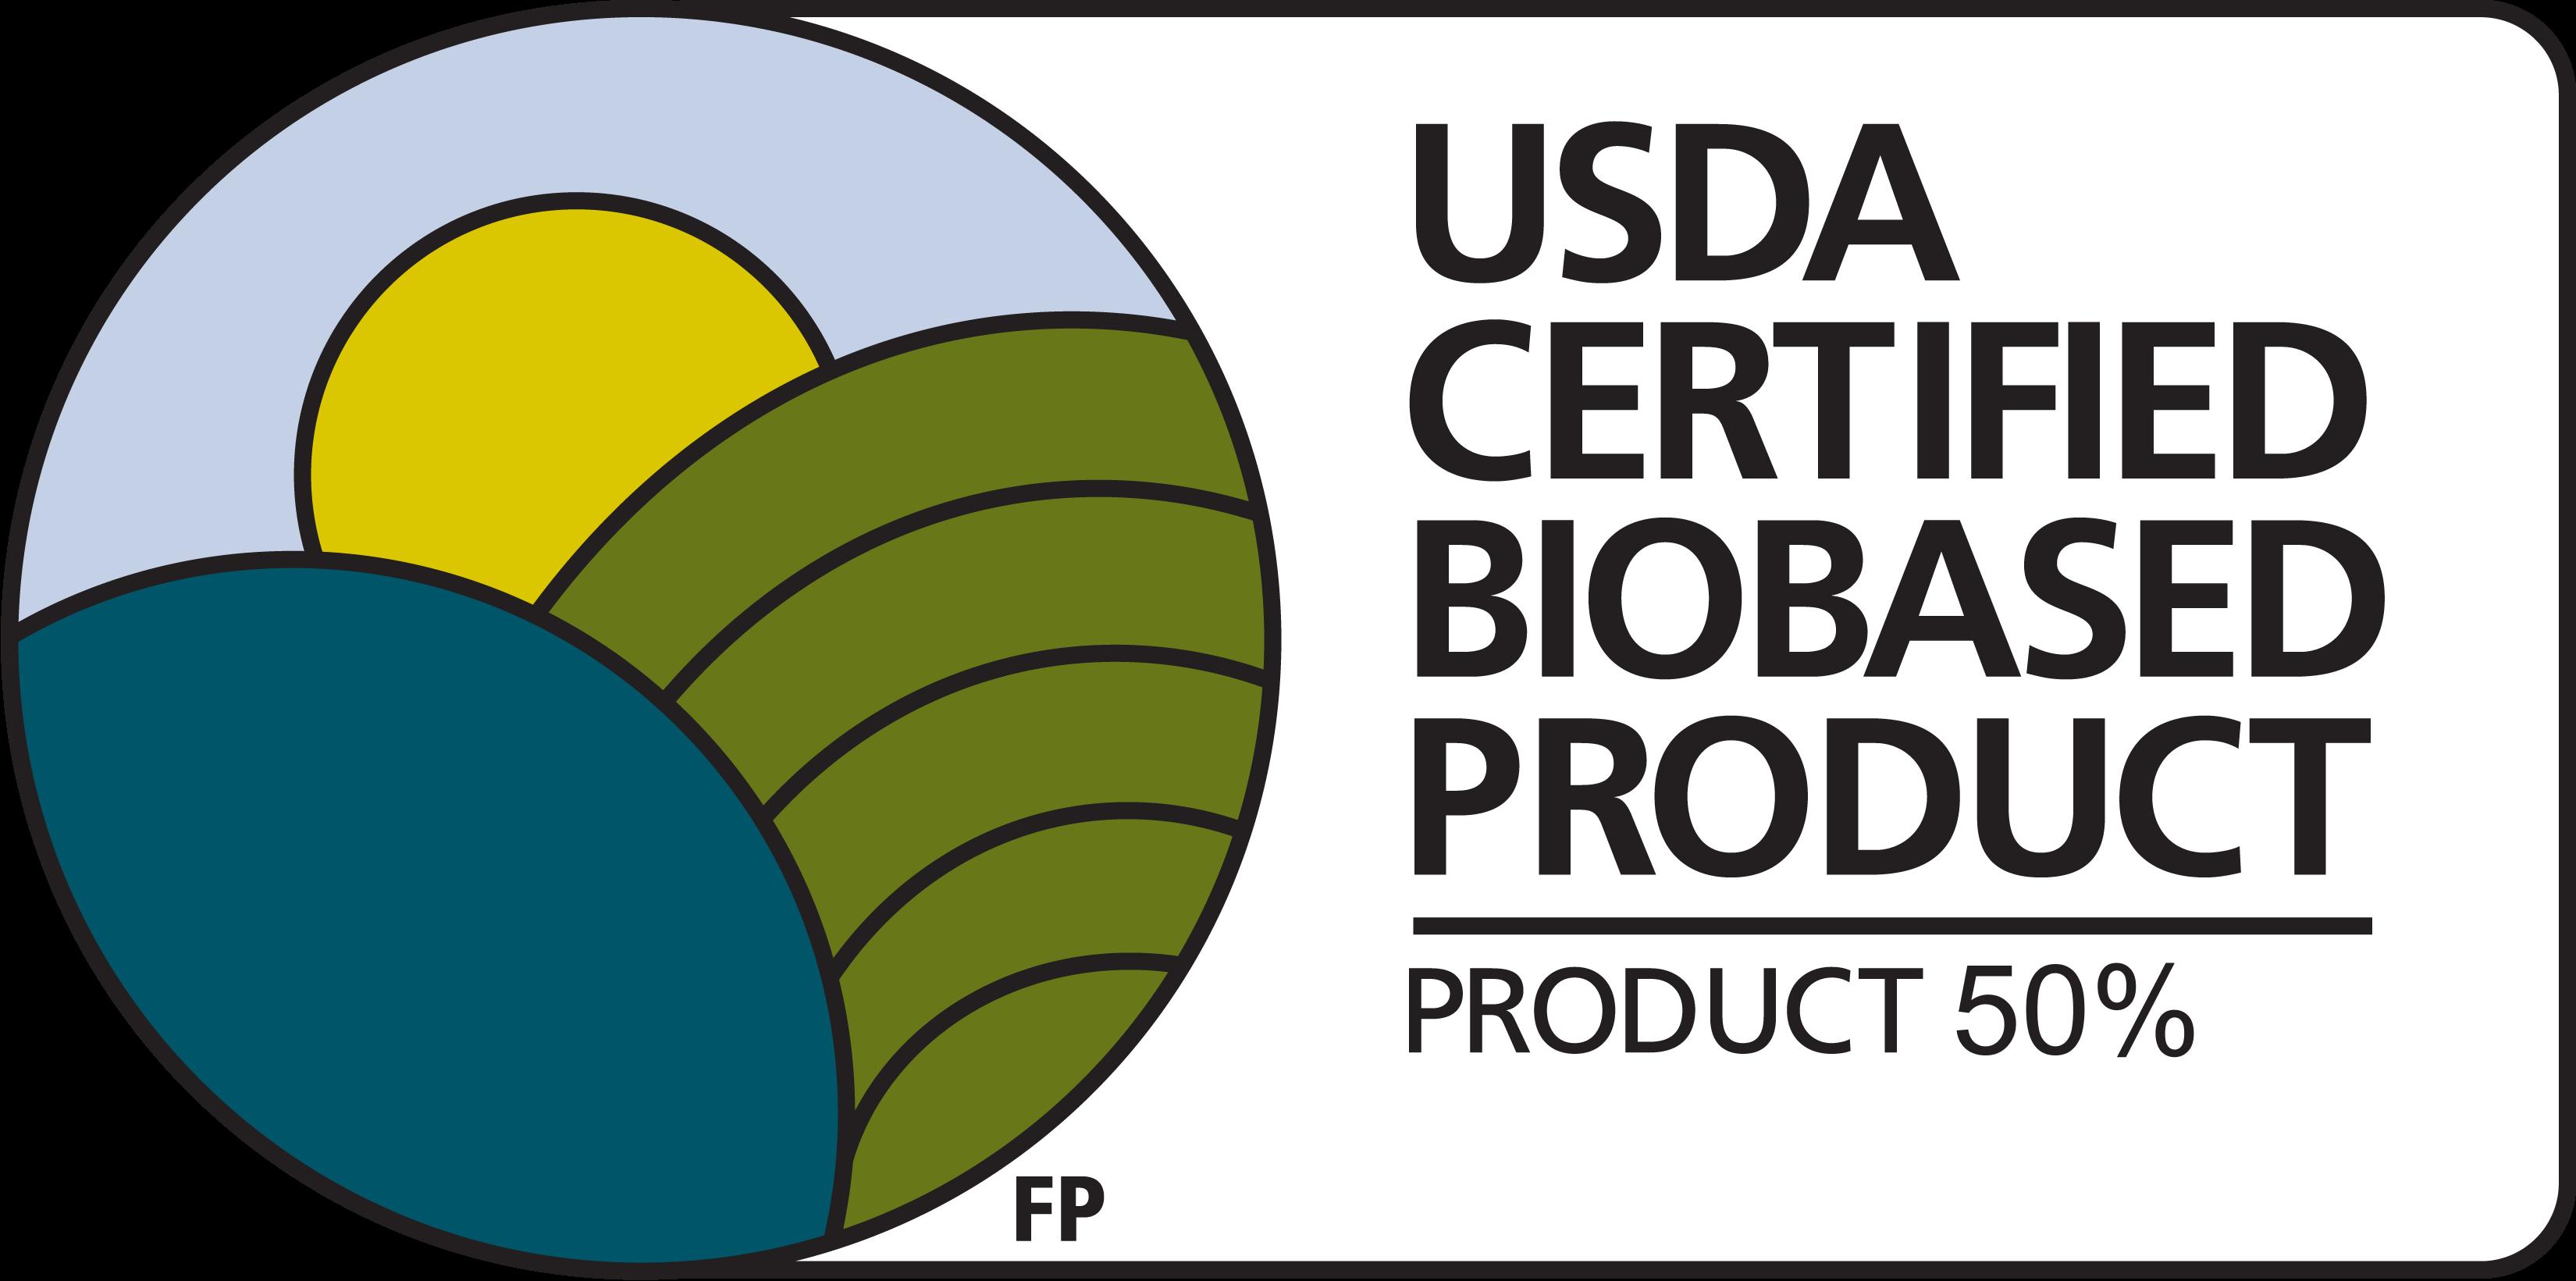 USDA_Certified_50%